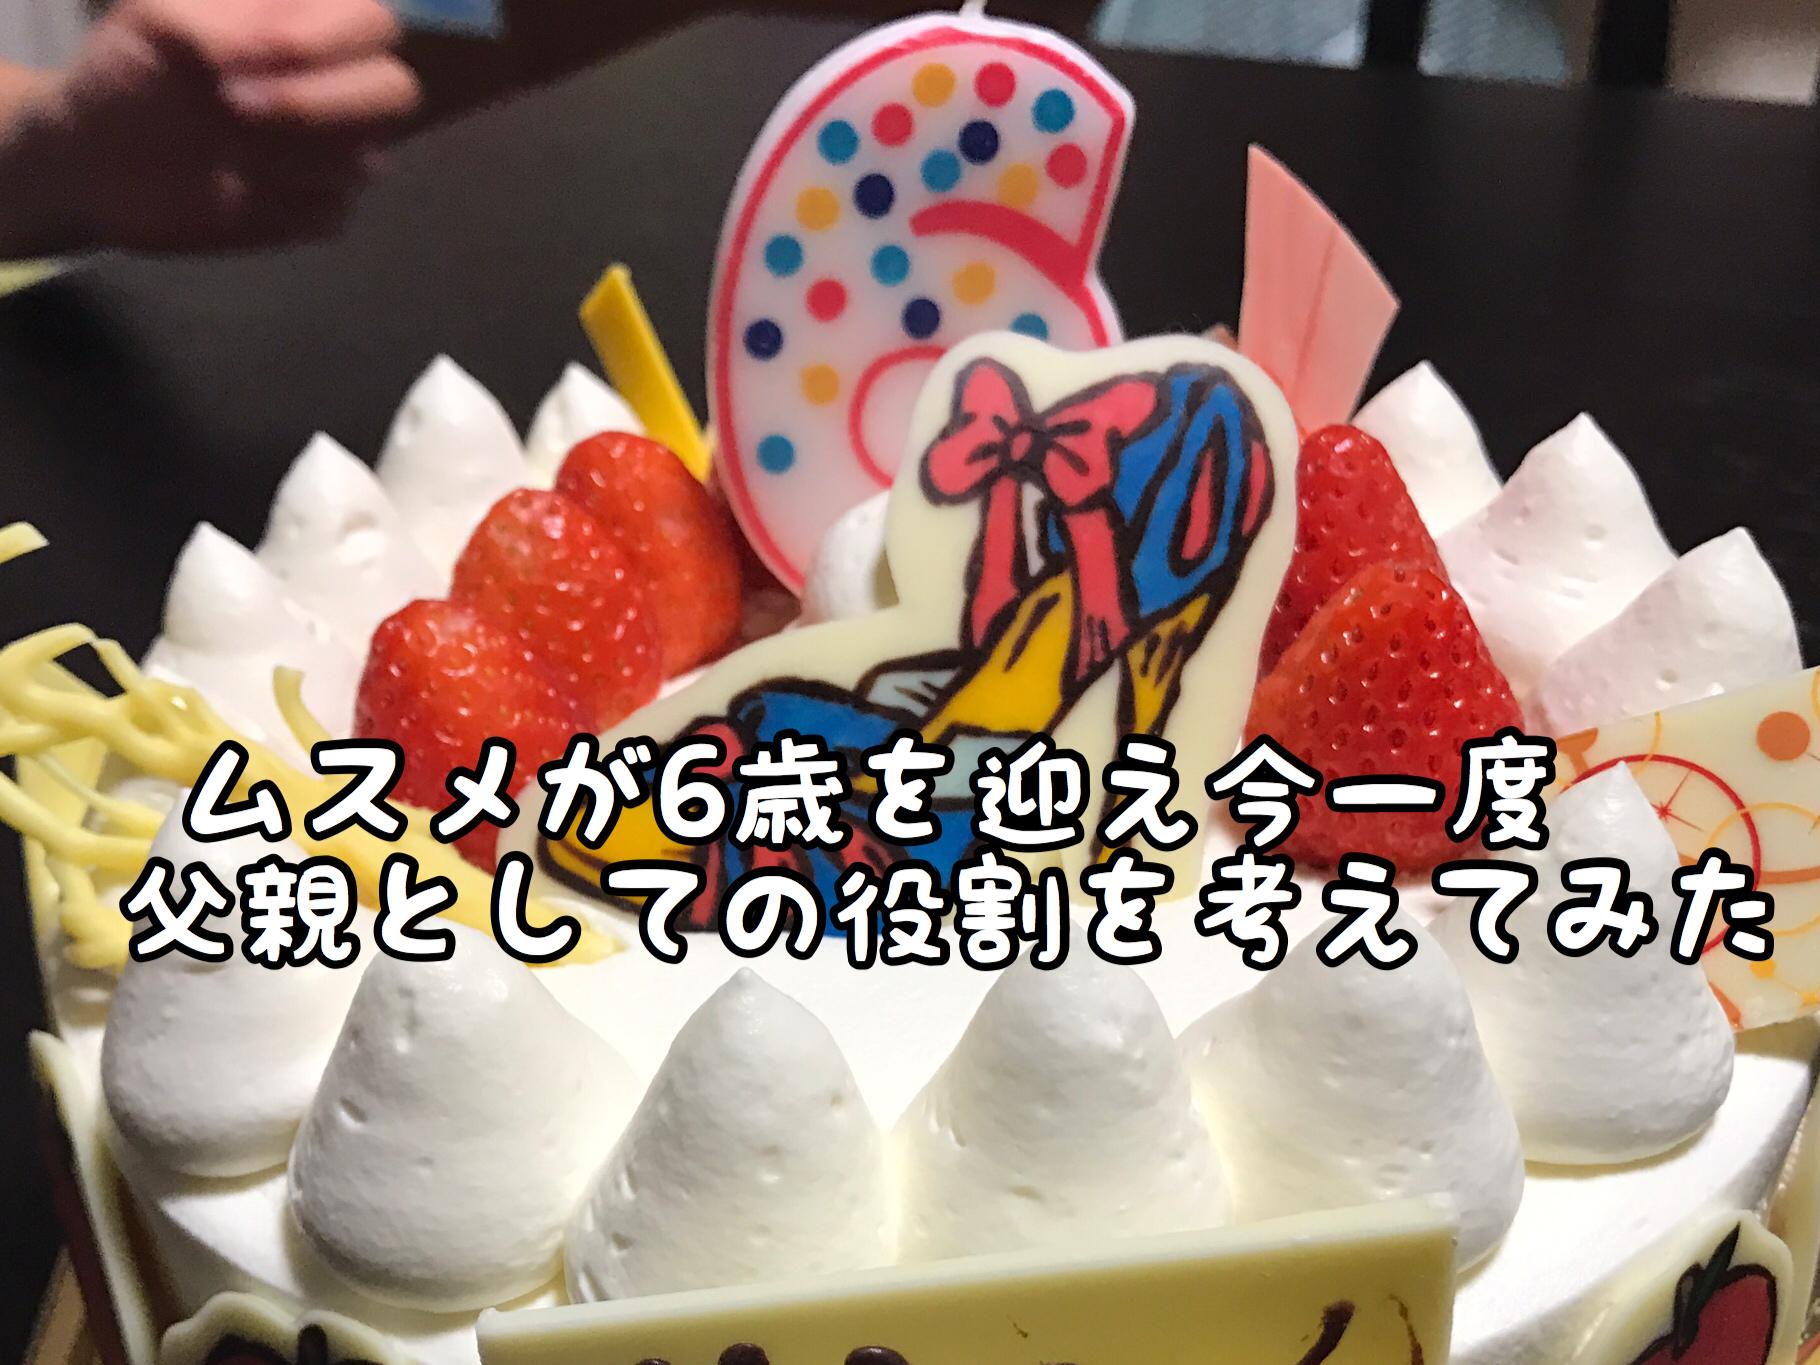 【祝】ムスメが6歳の誕生日を迎え、父親としての役目を再度考えてみた